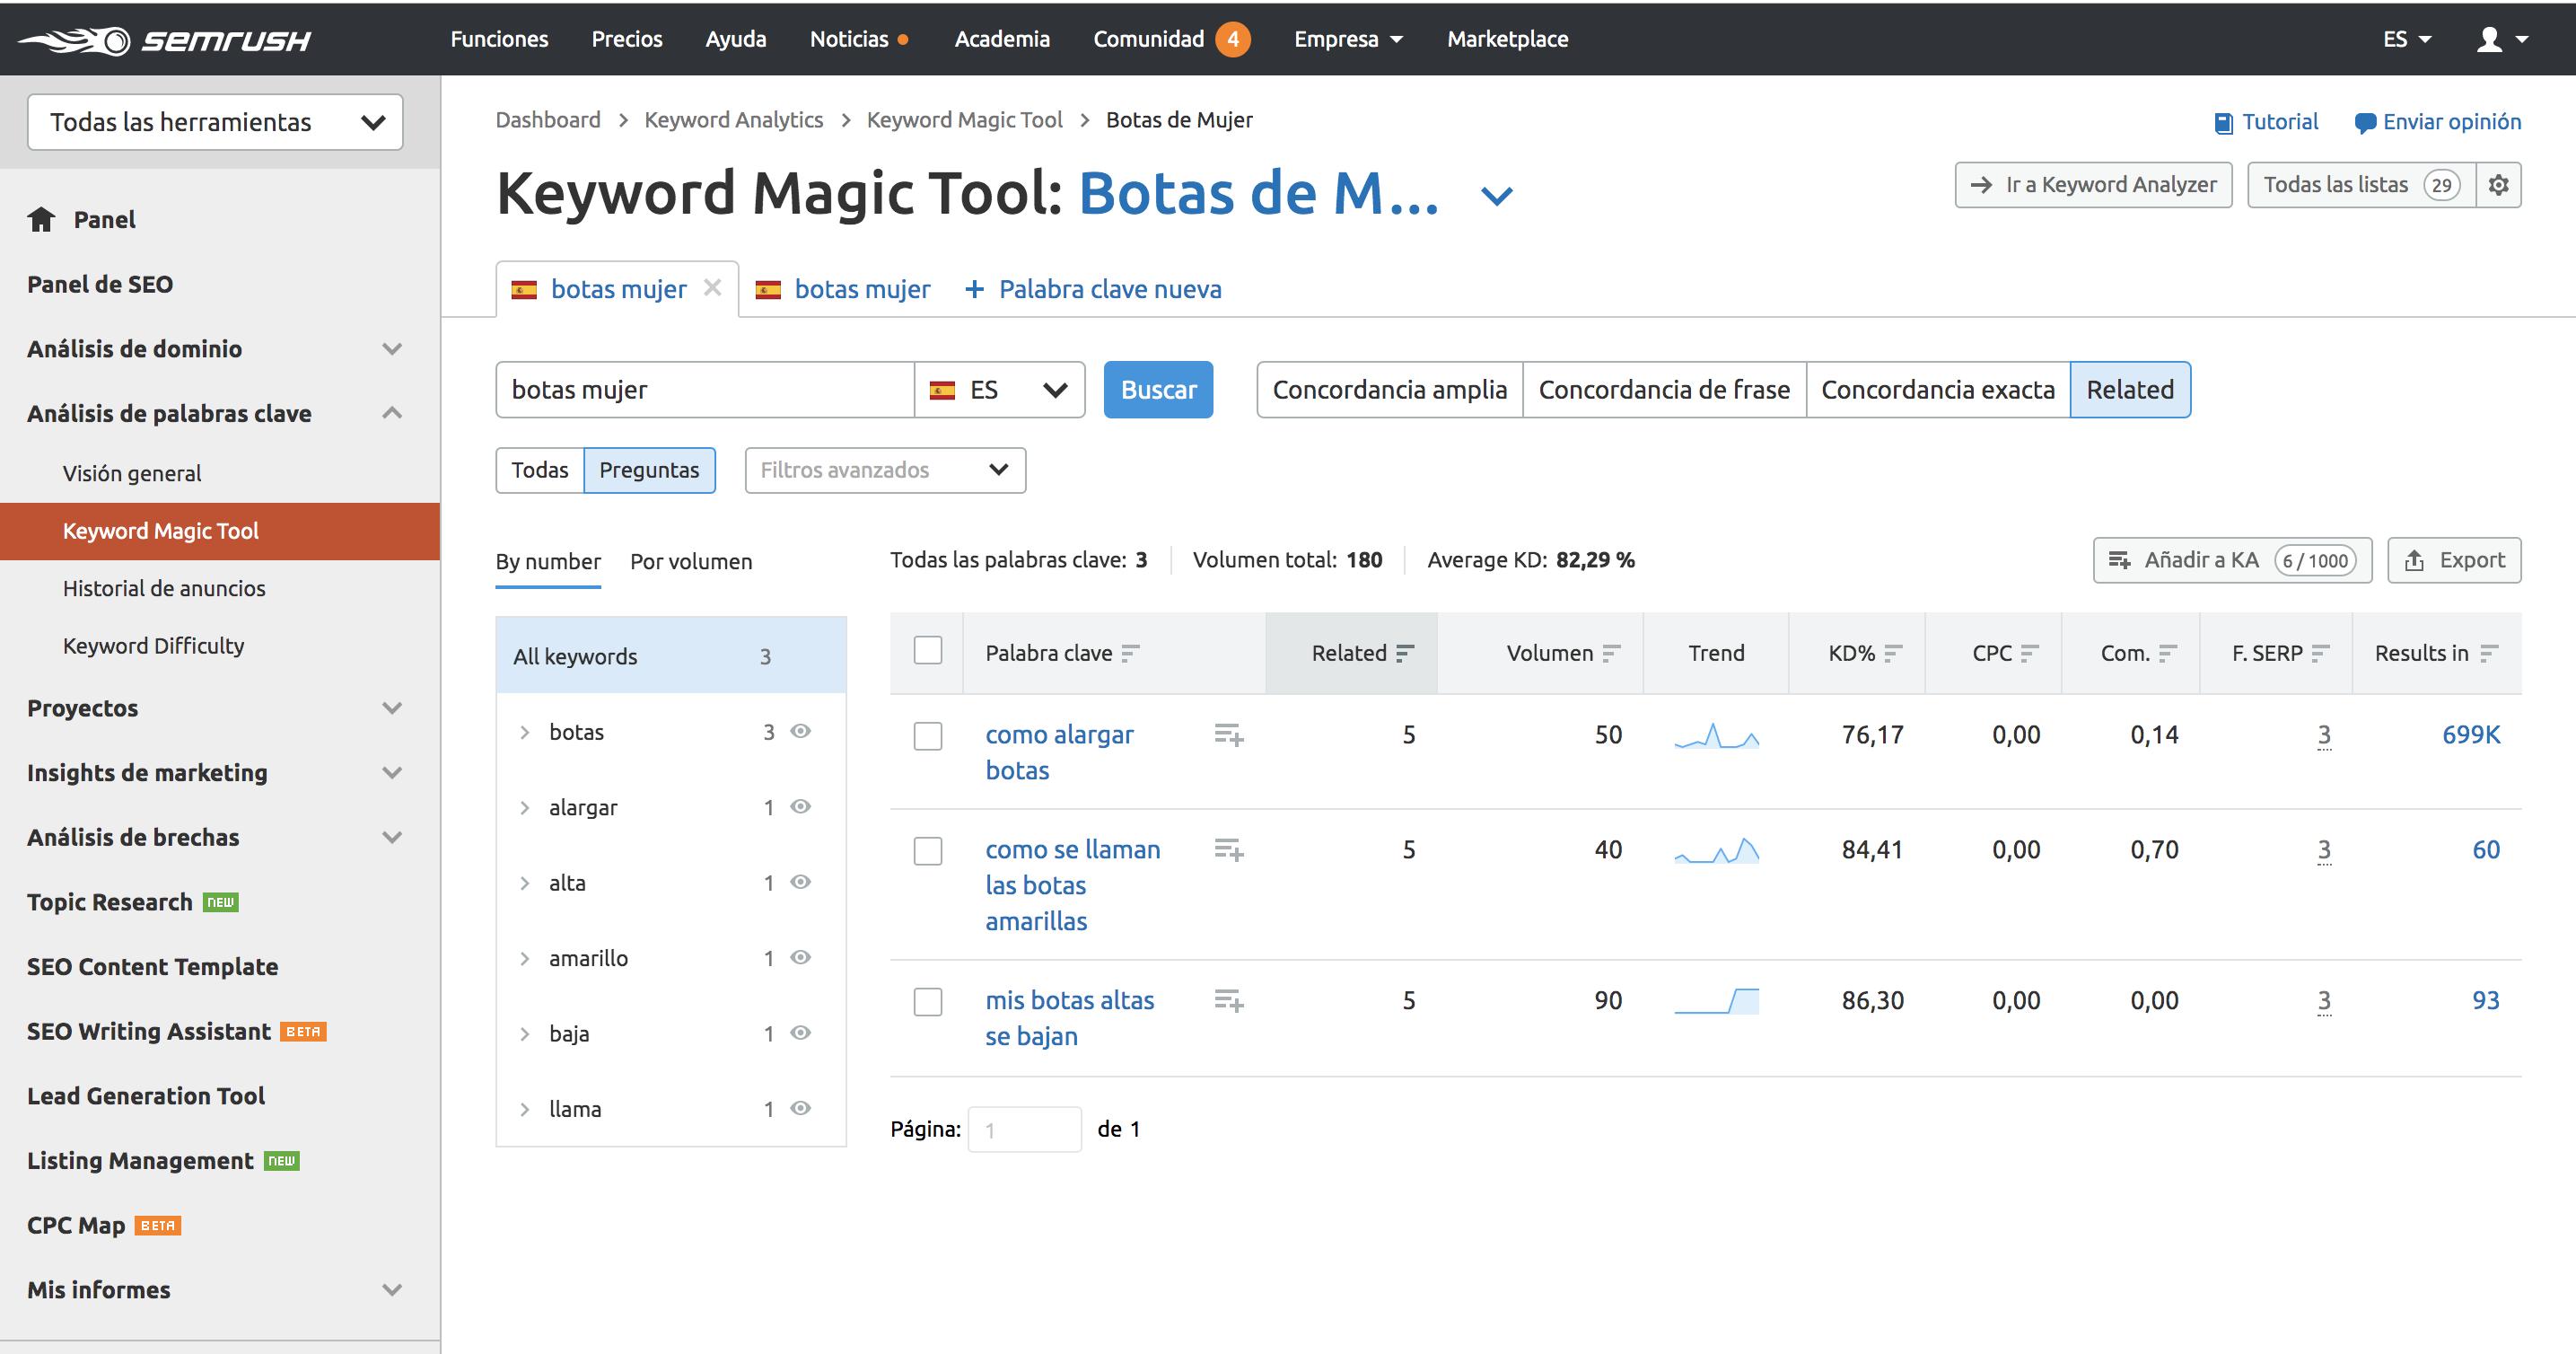 Análisis de keywords - Keyword Magic Tool palabras relacionadas